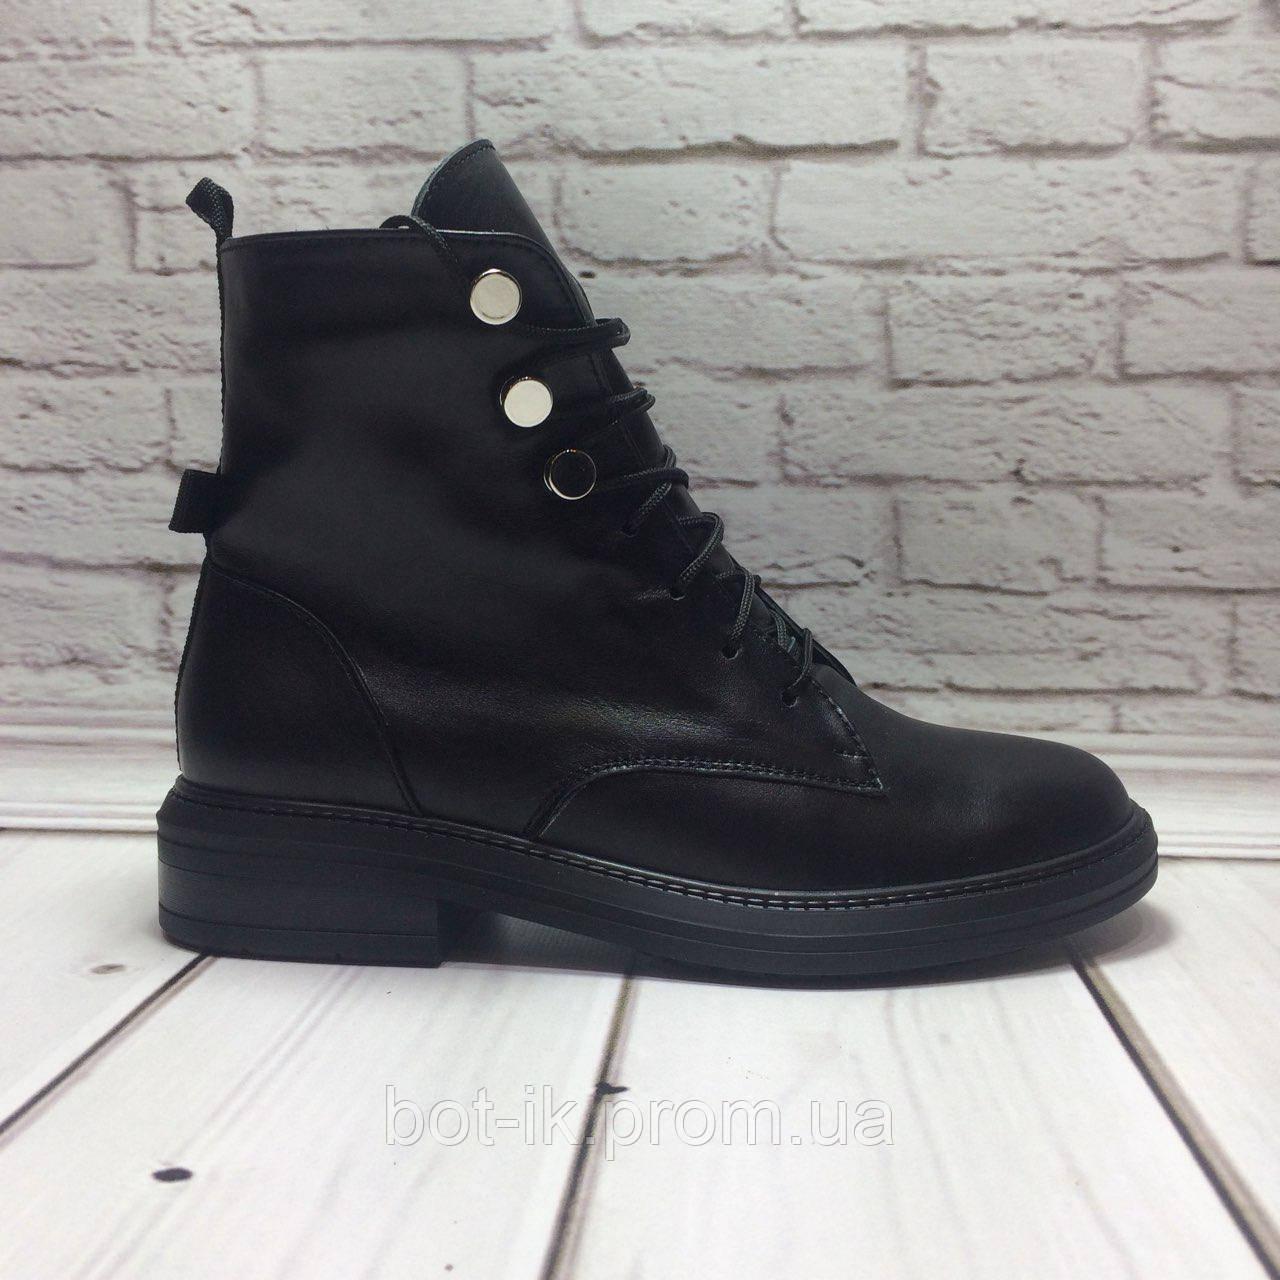 fe9c0e6da414 Красивые и удобные ботинки Dior из натуральной черной кожи.  продажа ...